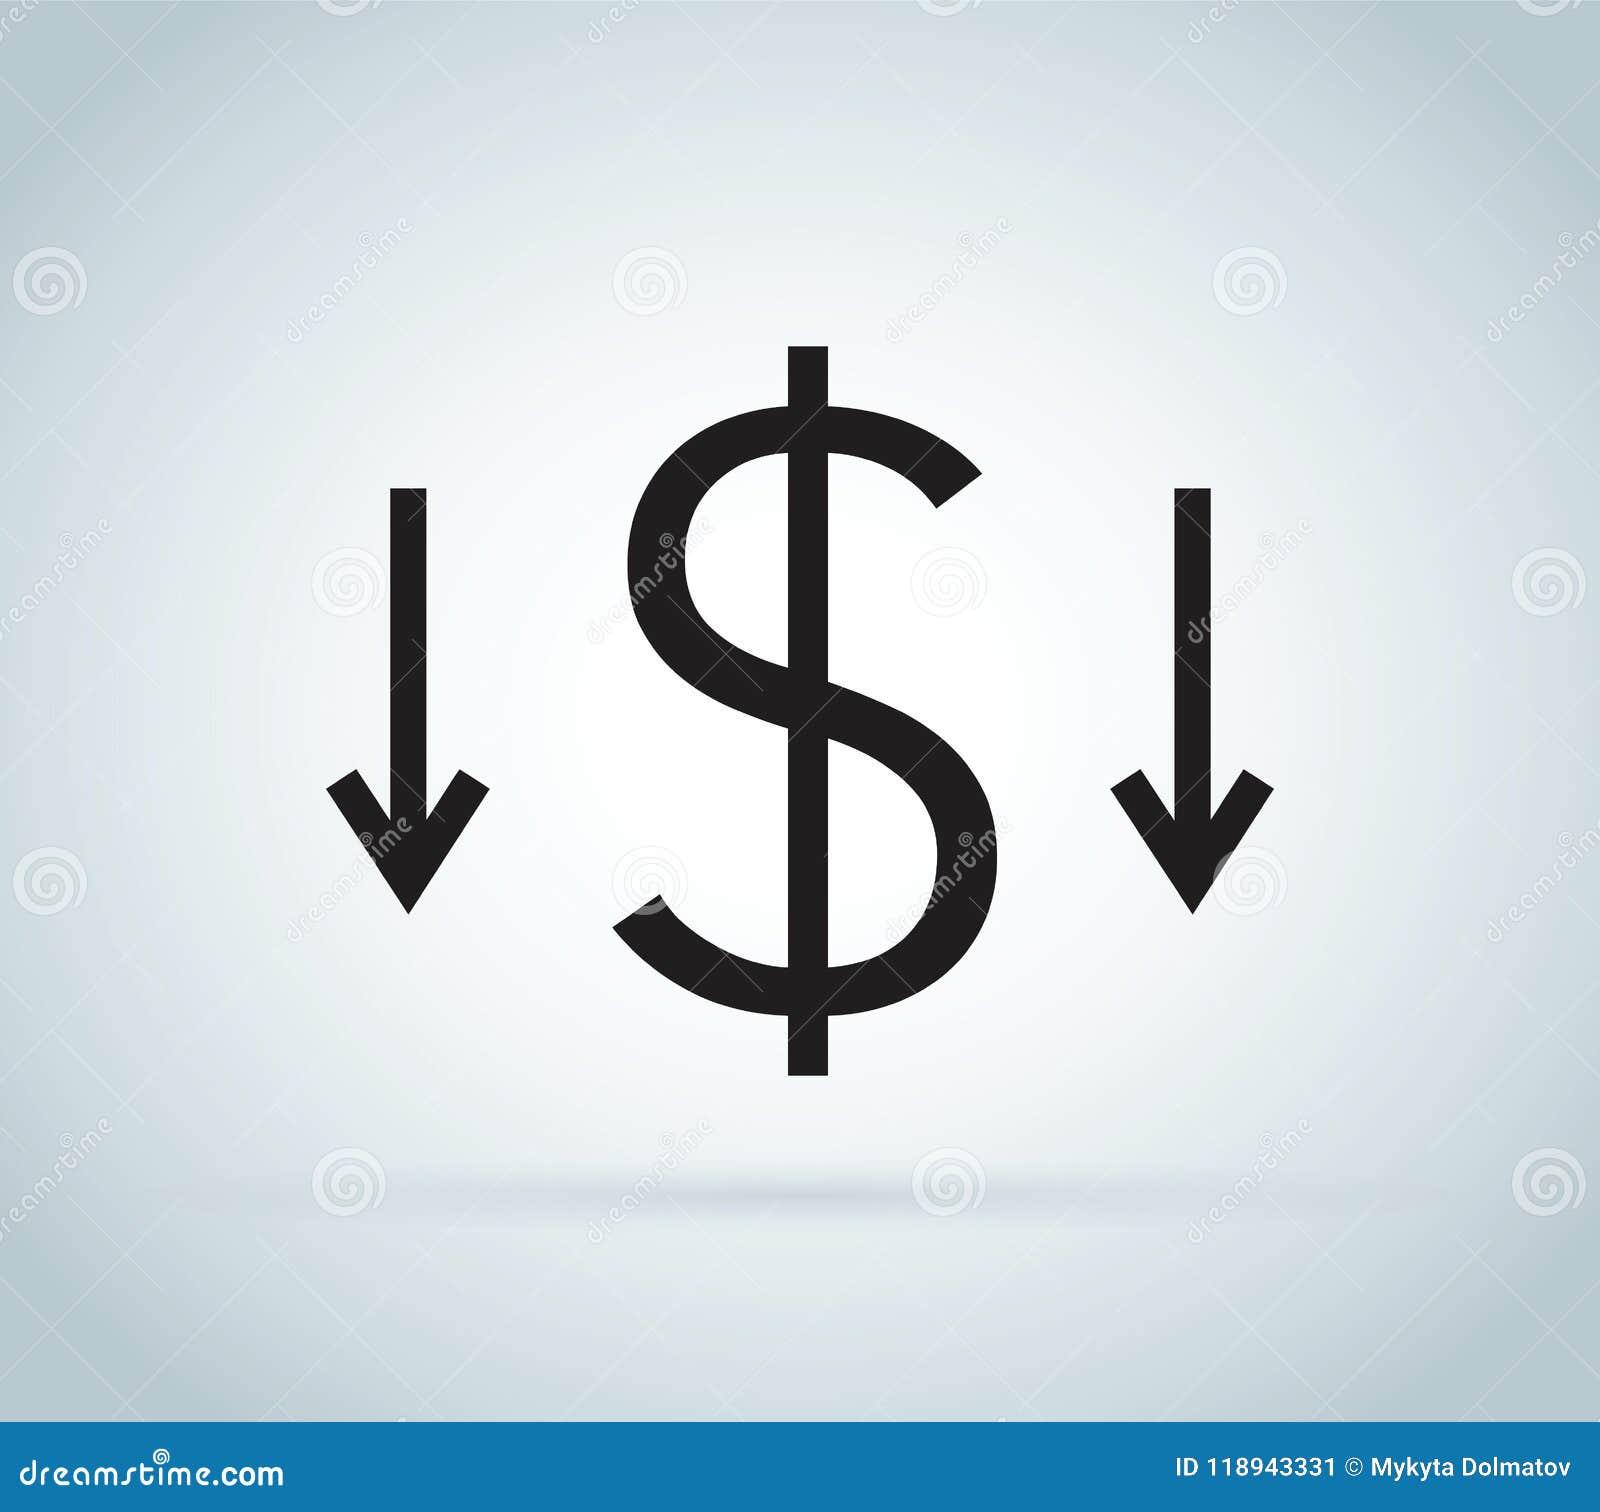 Μειώστε το εικονίδιο δαπανών Τέχνη συνδετήρων χρημάτων που απομονώνεται στο άσπρο υπόβαθρο Έννοια μείωσης του κόστους Κόστος κάτω